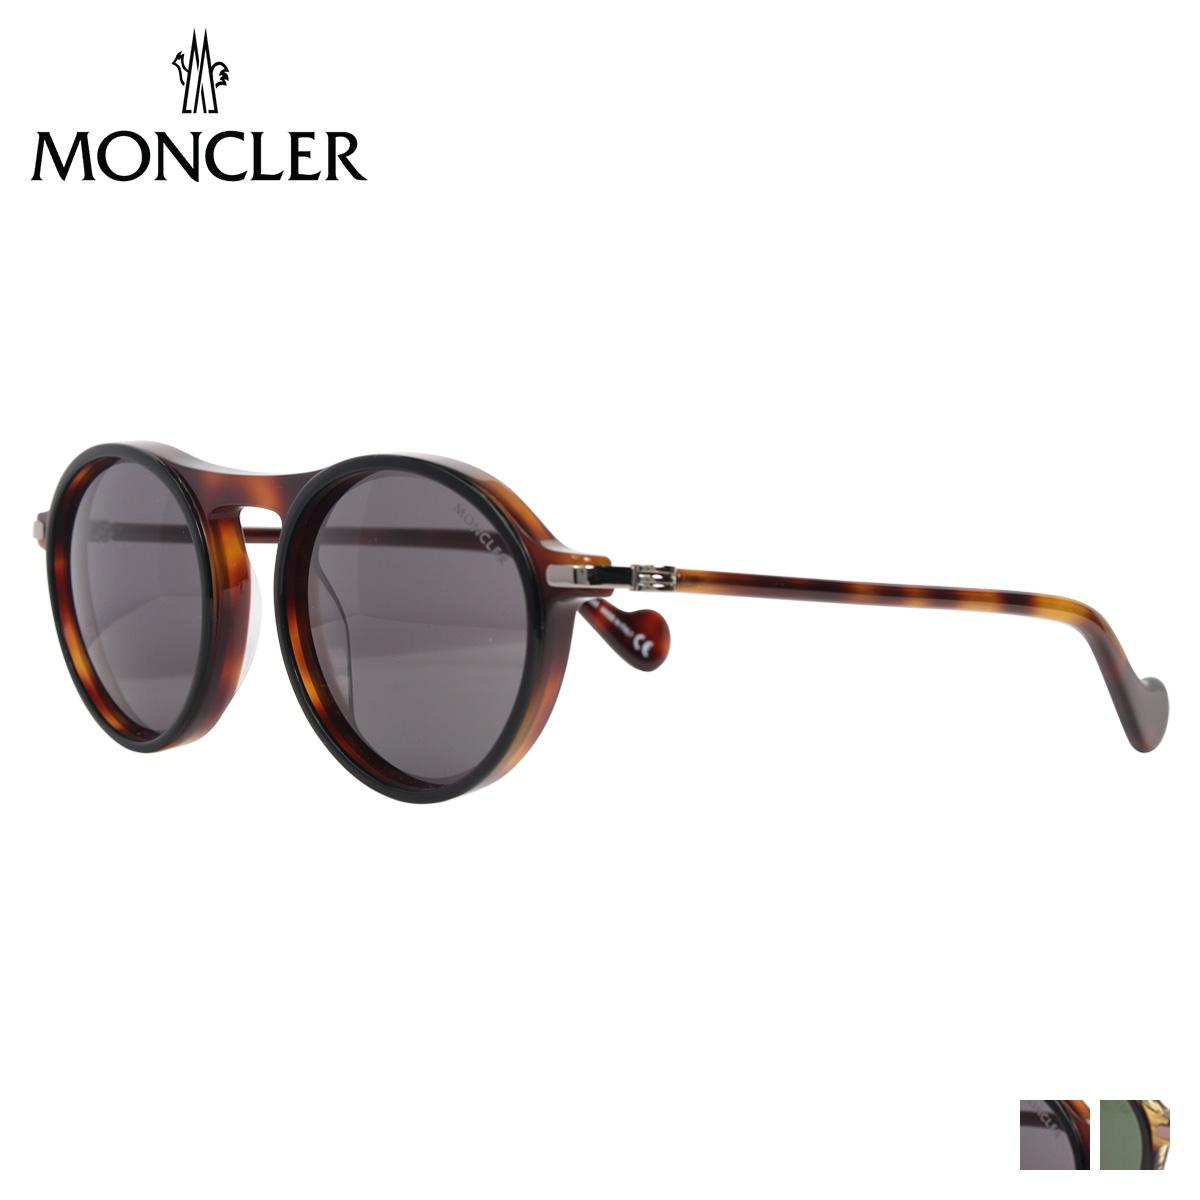 MONCLER SUNGLASSES モンクレール サングラス メンズ レディース UVカット ウェリントン ブラウン ML0103